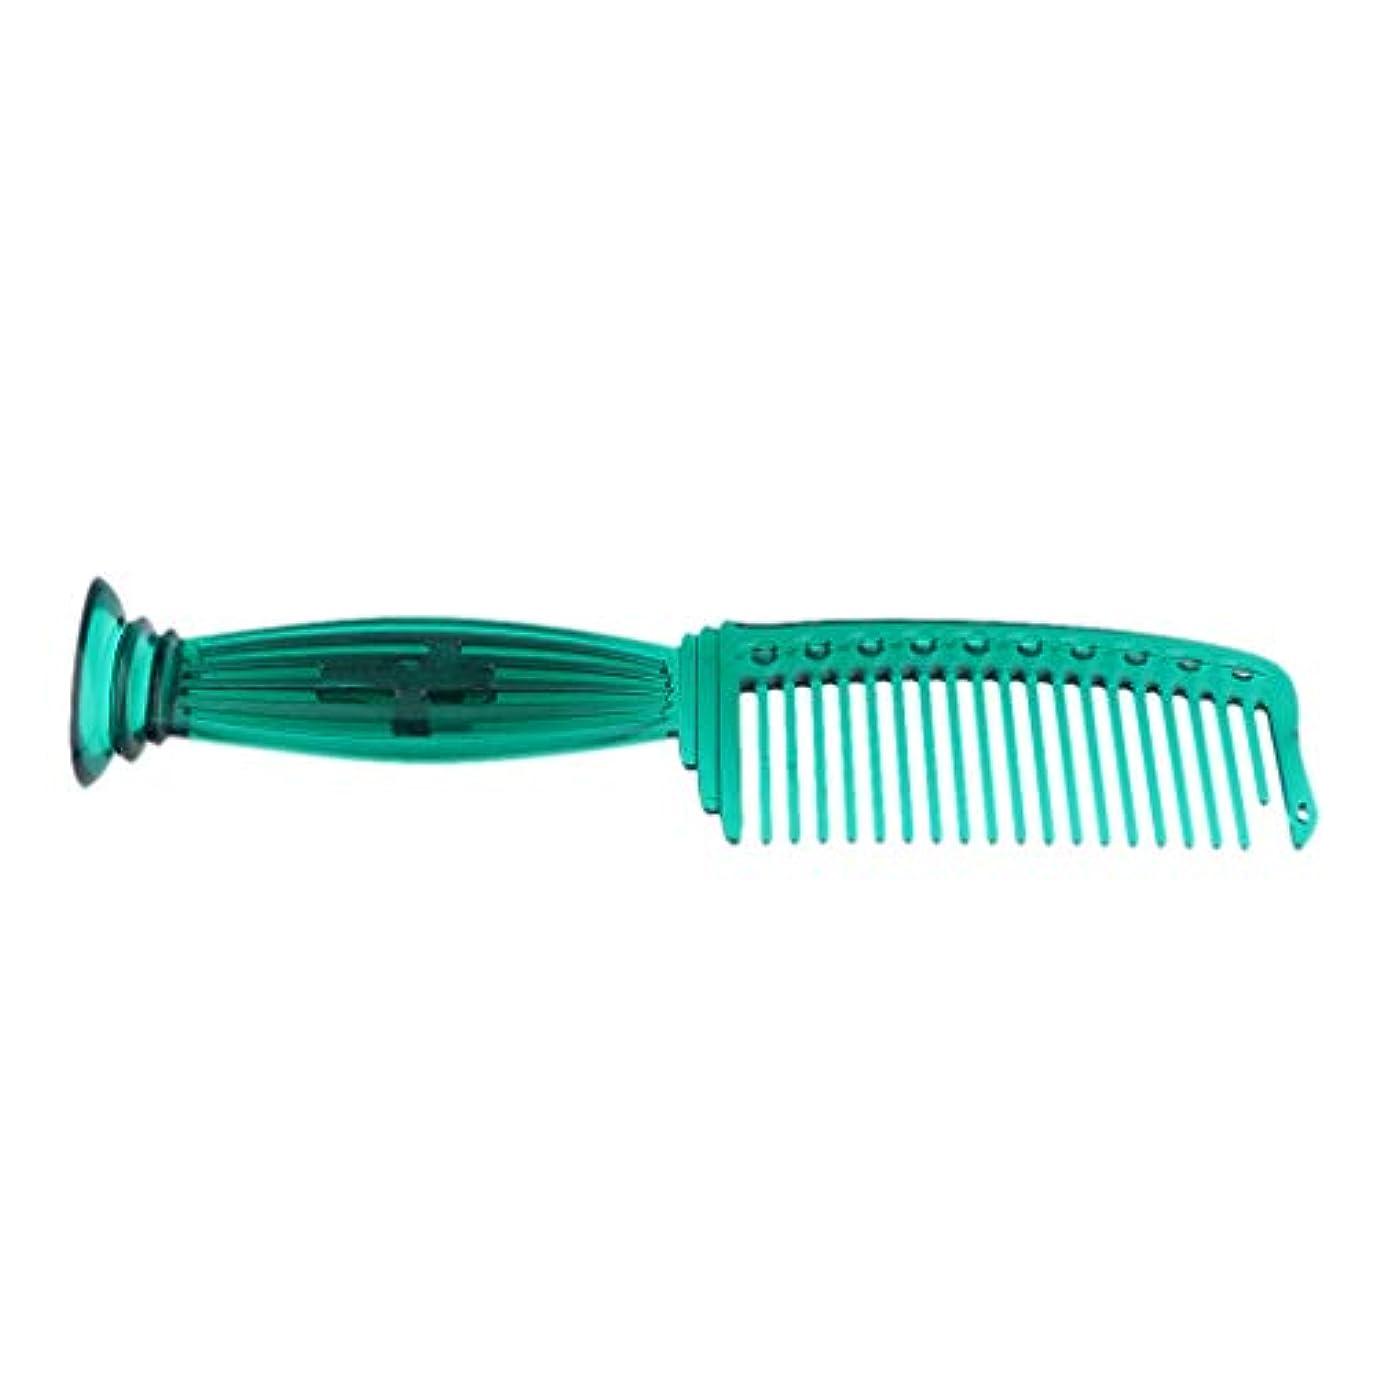 調和のとれたヘルパーすなわち全5色 ワイド歯 ヘアコーム ヘアブラシ プラスチック櫛 頭皮保護 櫛 プロ ヘアサロン 理髪師用 - 緑